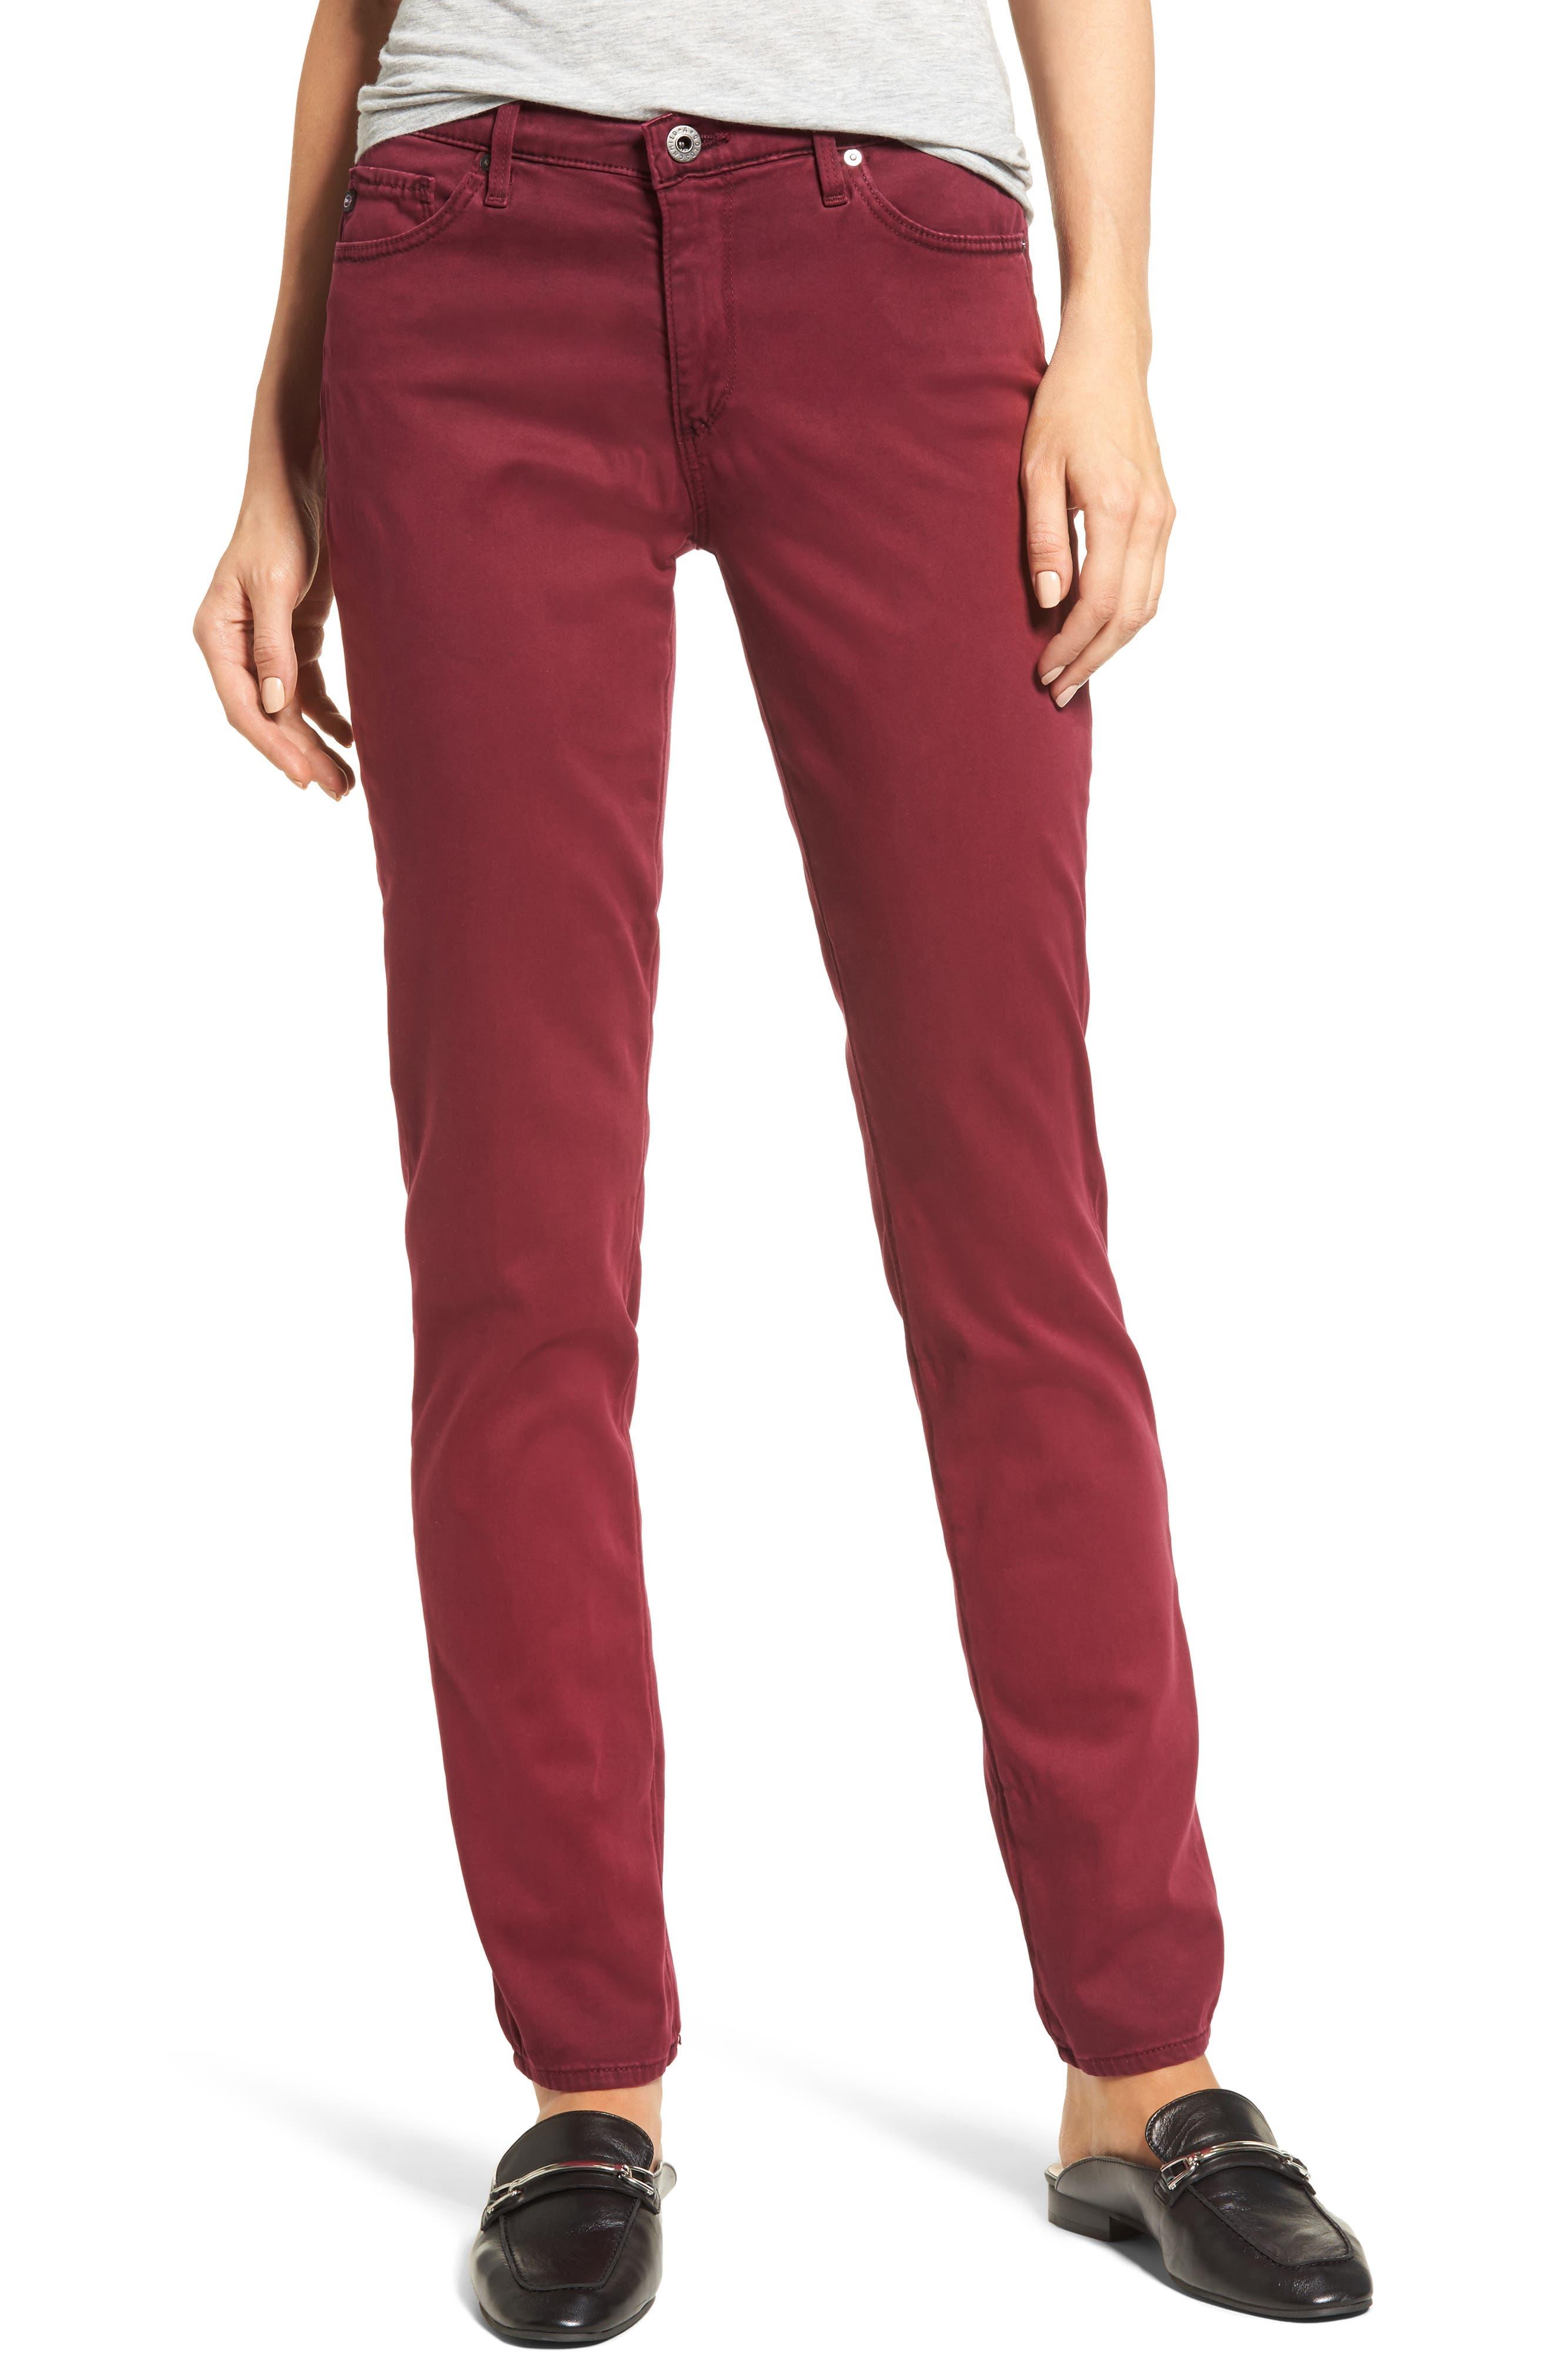 Alternate Image 1 Selected - AG 'The Prima' Cigarette Leg Skinny Jeans